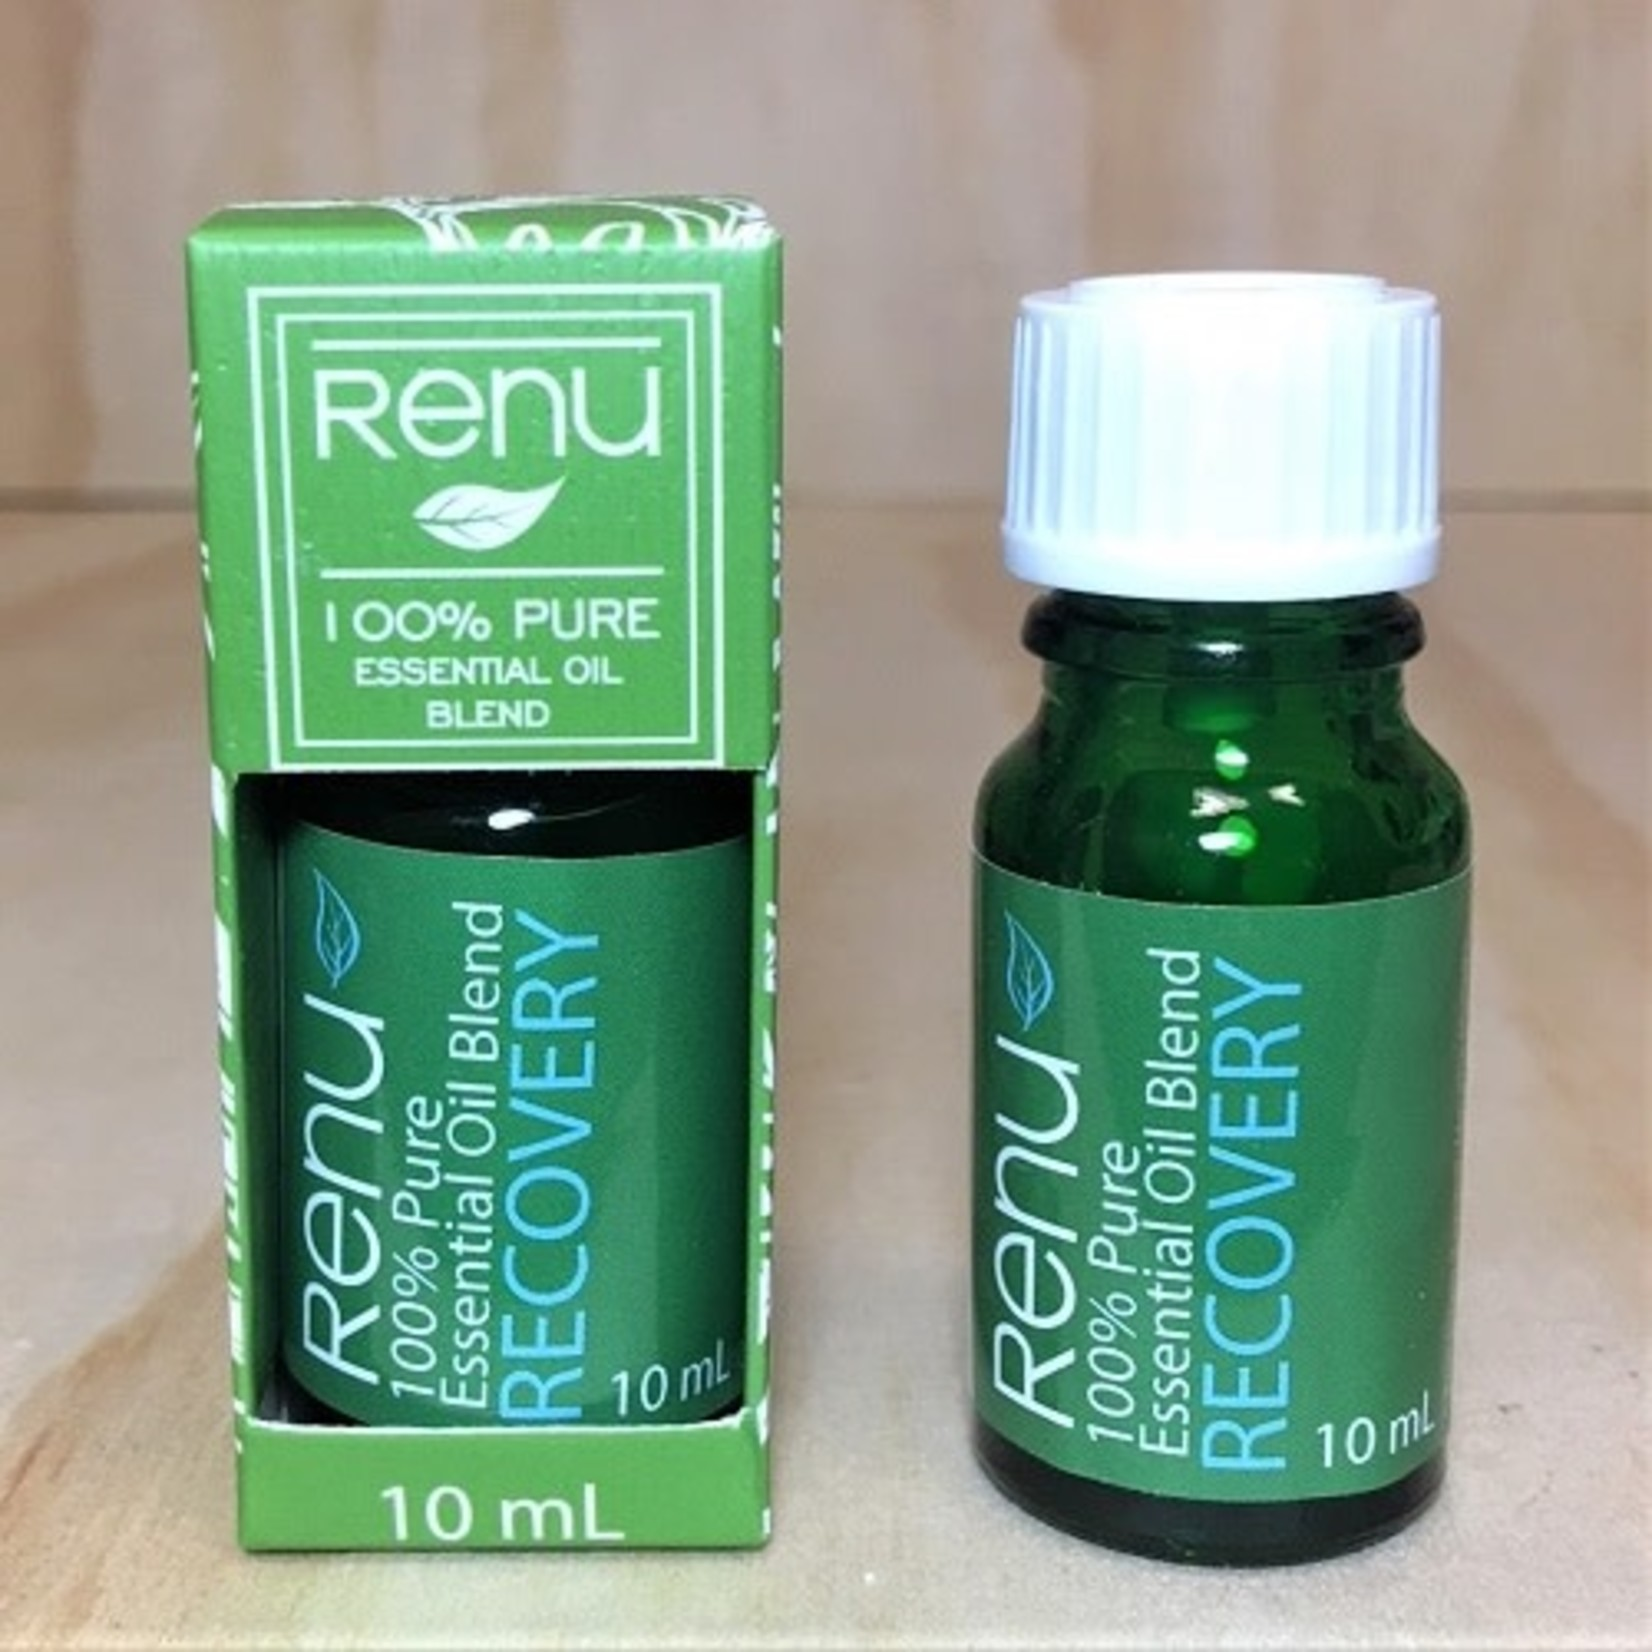 Renu Renu Pure Essential Oil Blend 10ml